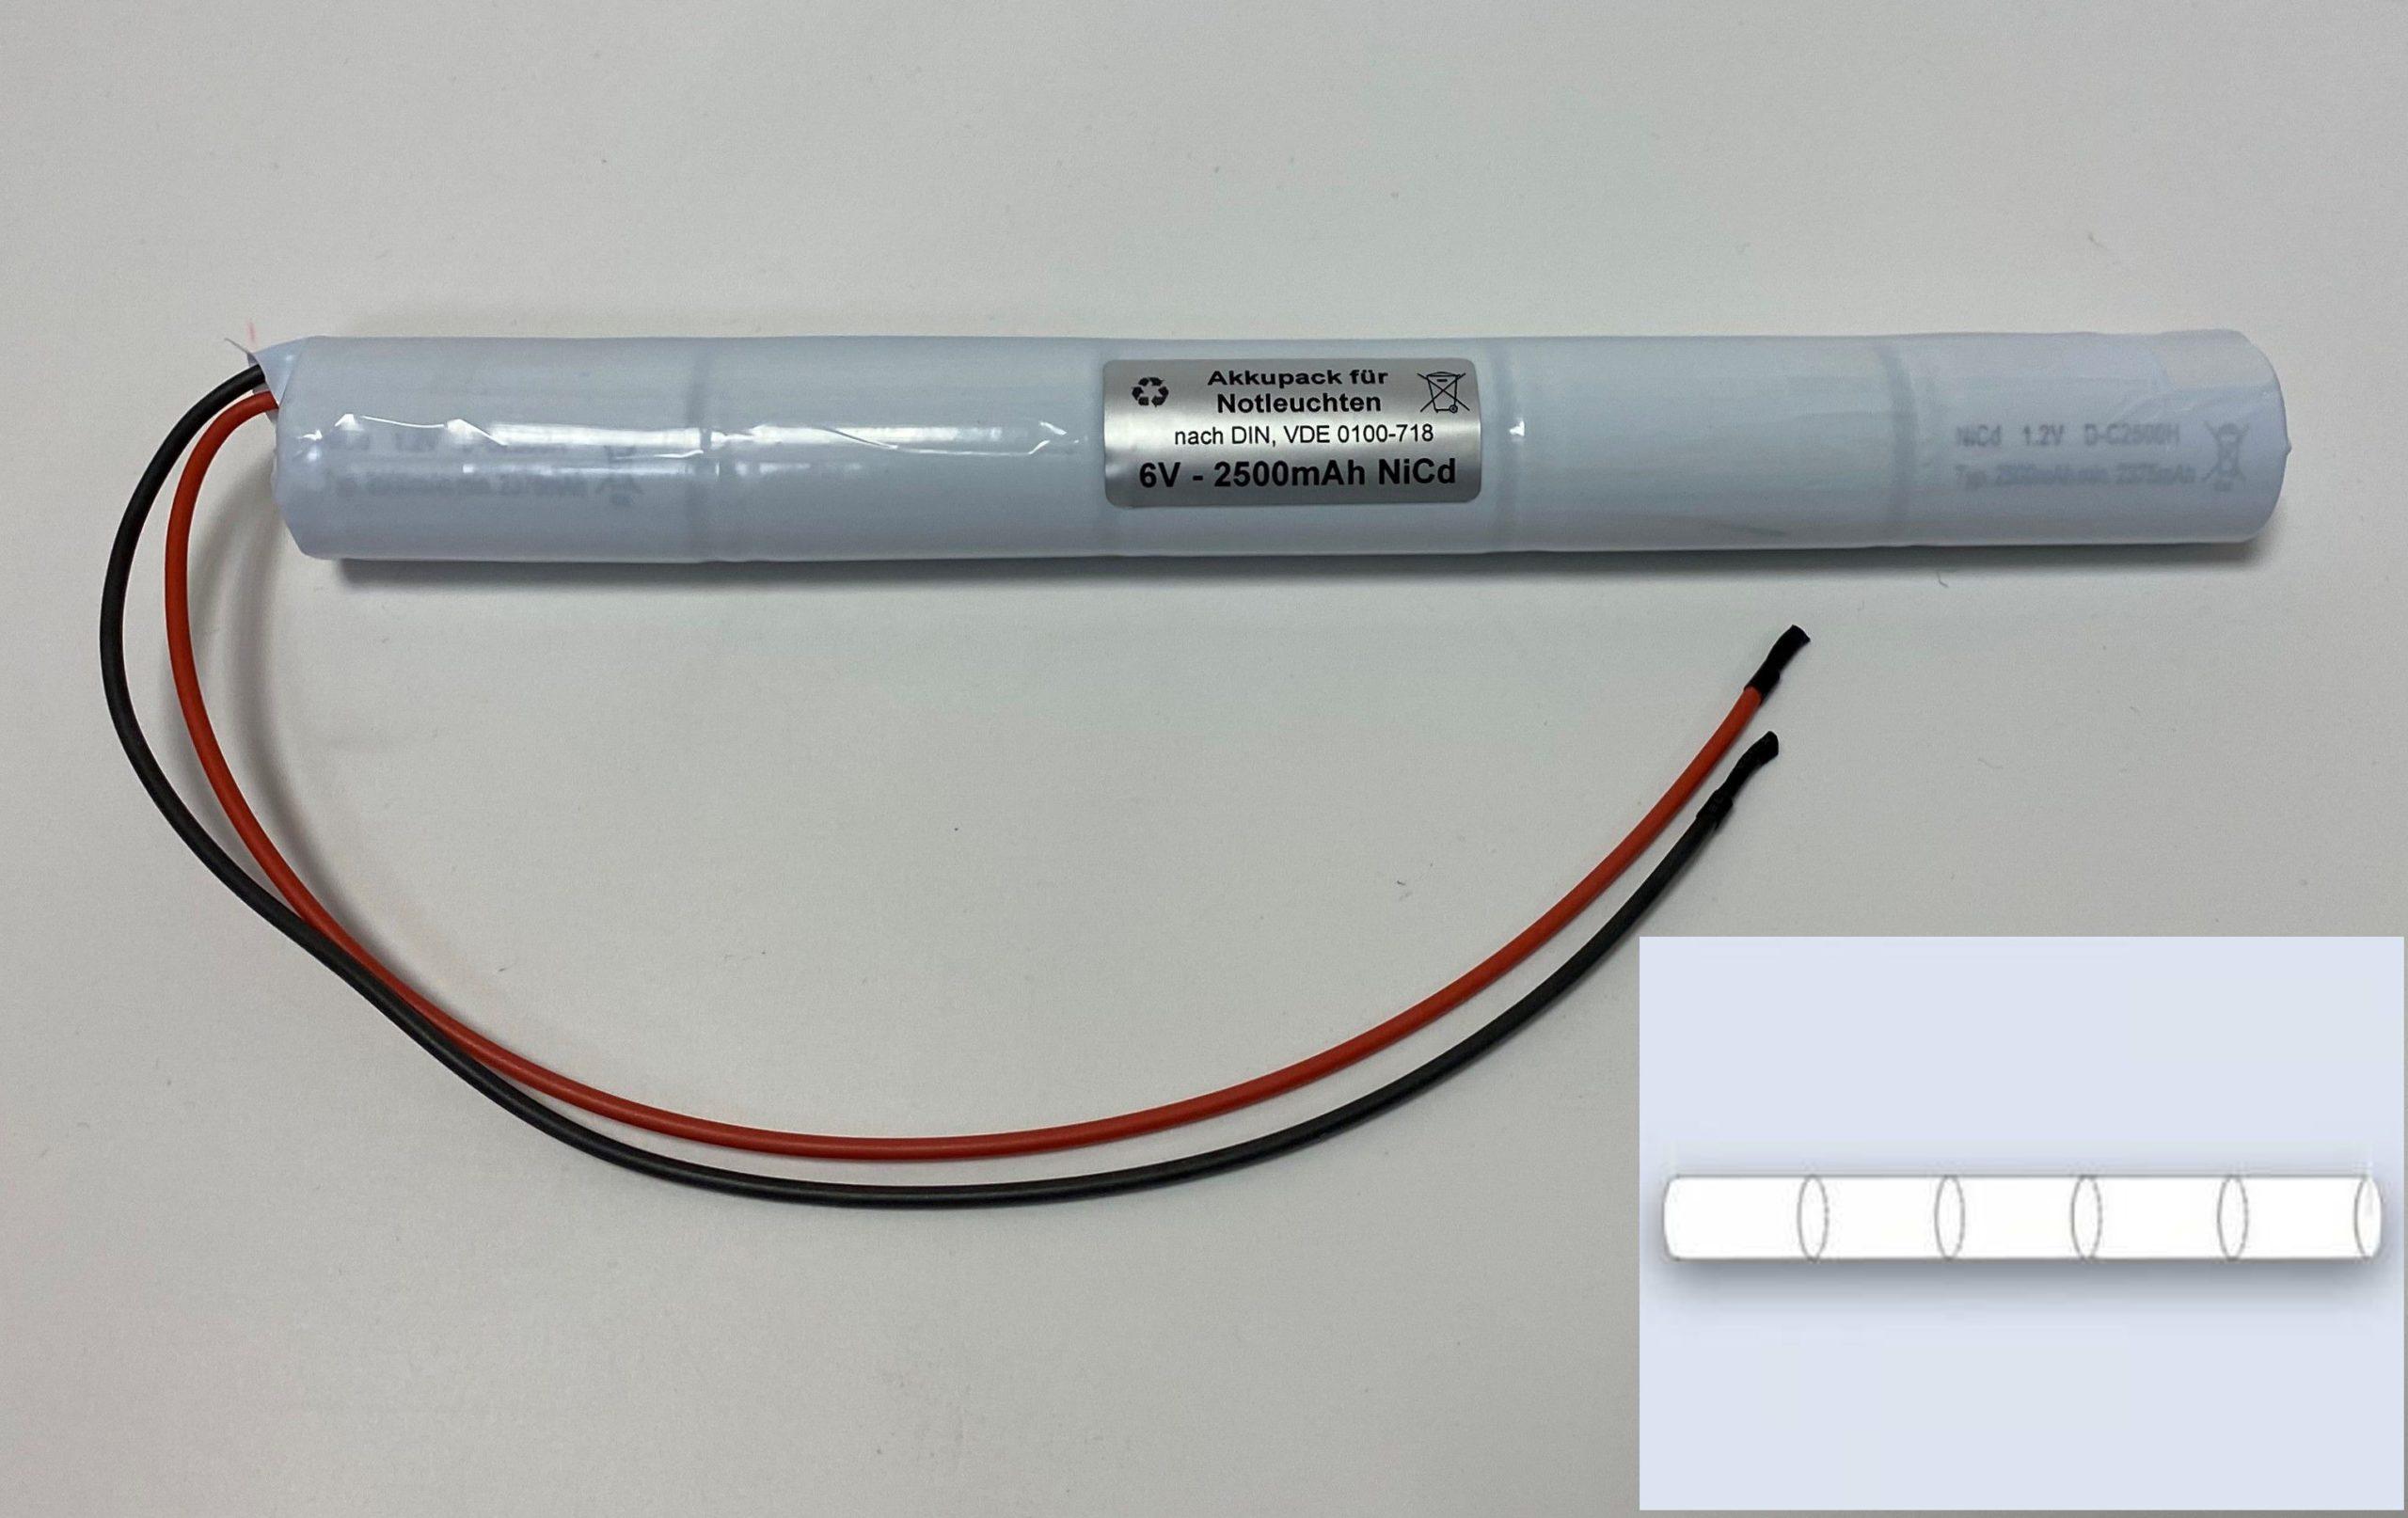 Akkupack für Notleuchten - 5/C2500-S